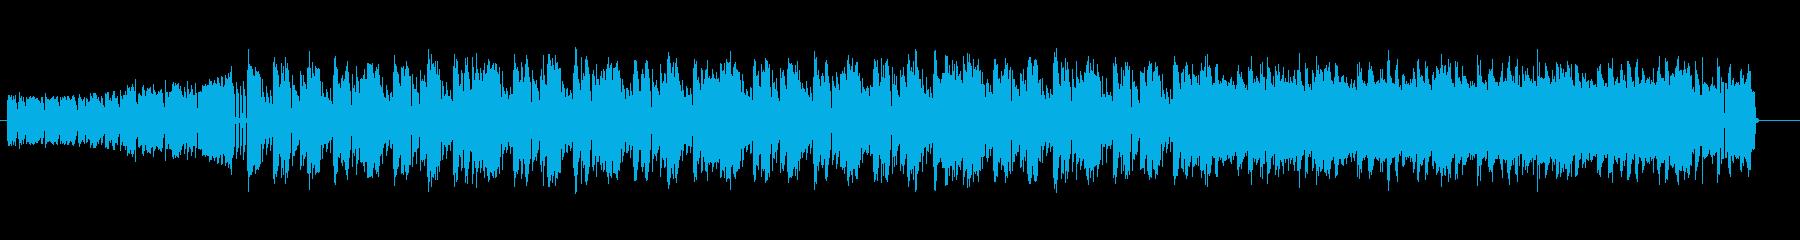 戦闘バトルサイバーロックギター無60秒版の再生済みの波形